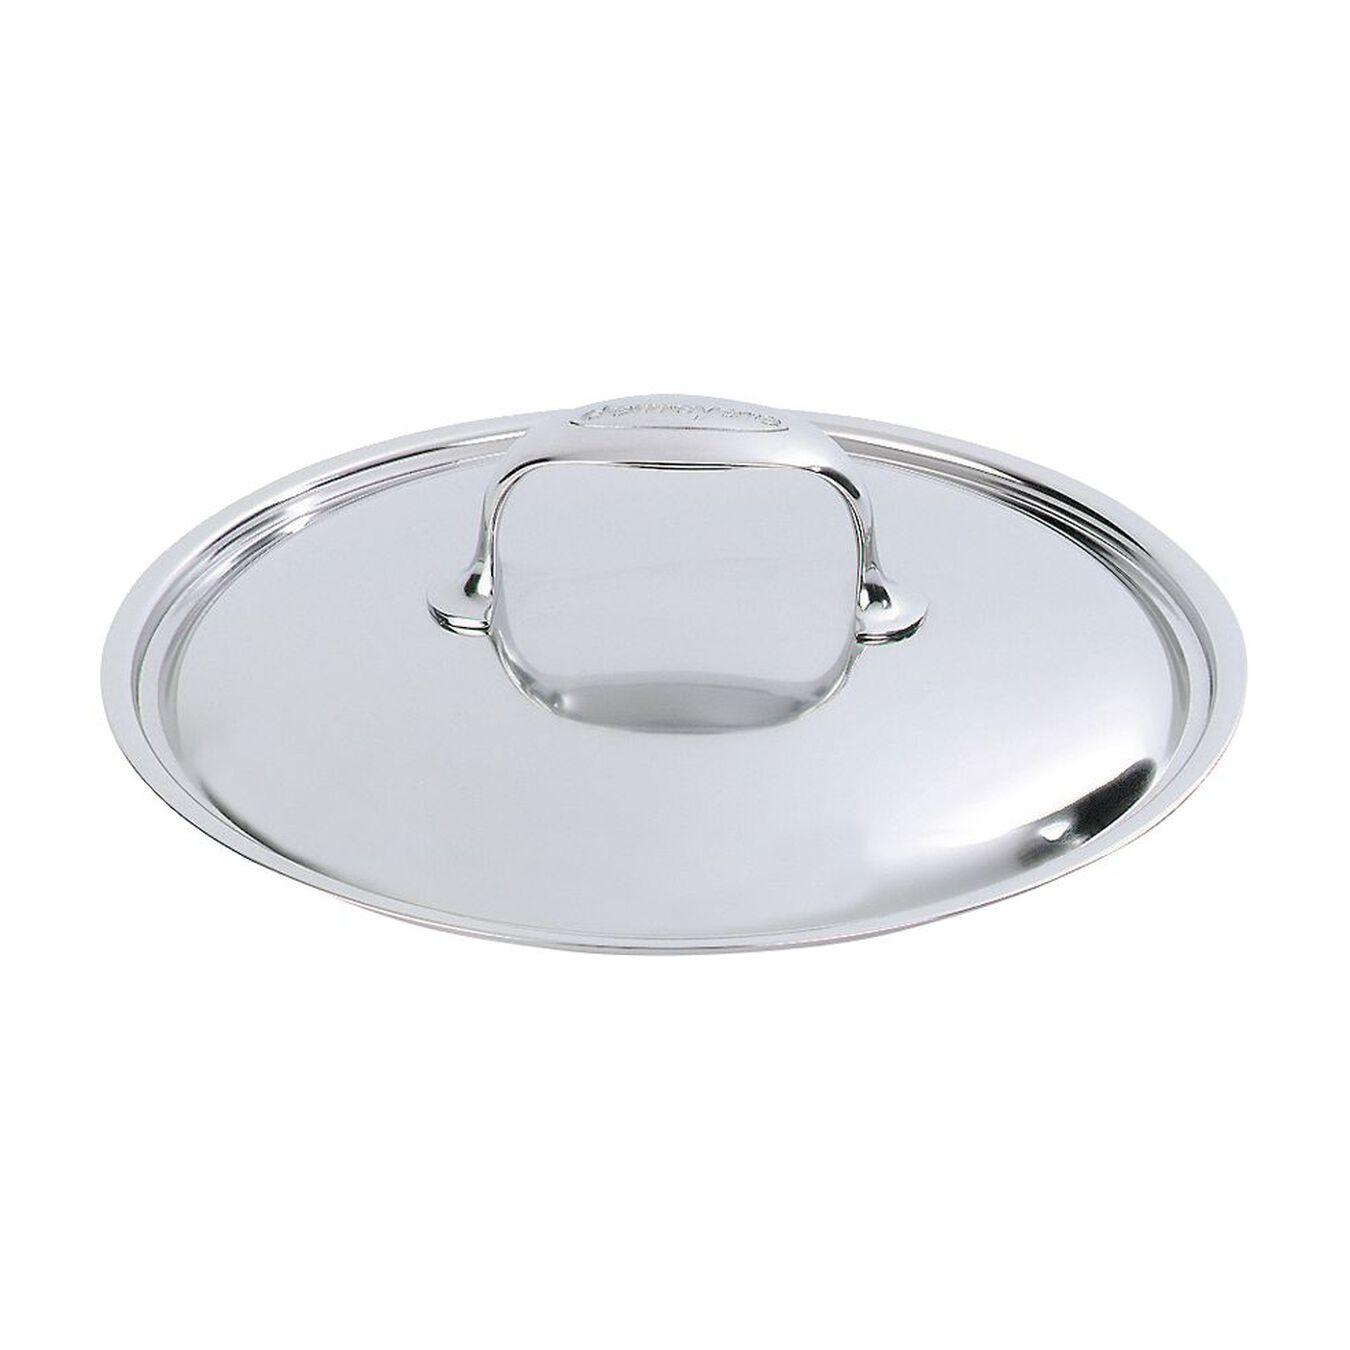 Coperchio - 20 cm, acciaio,,large 1